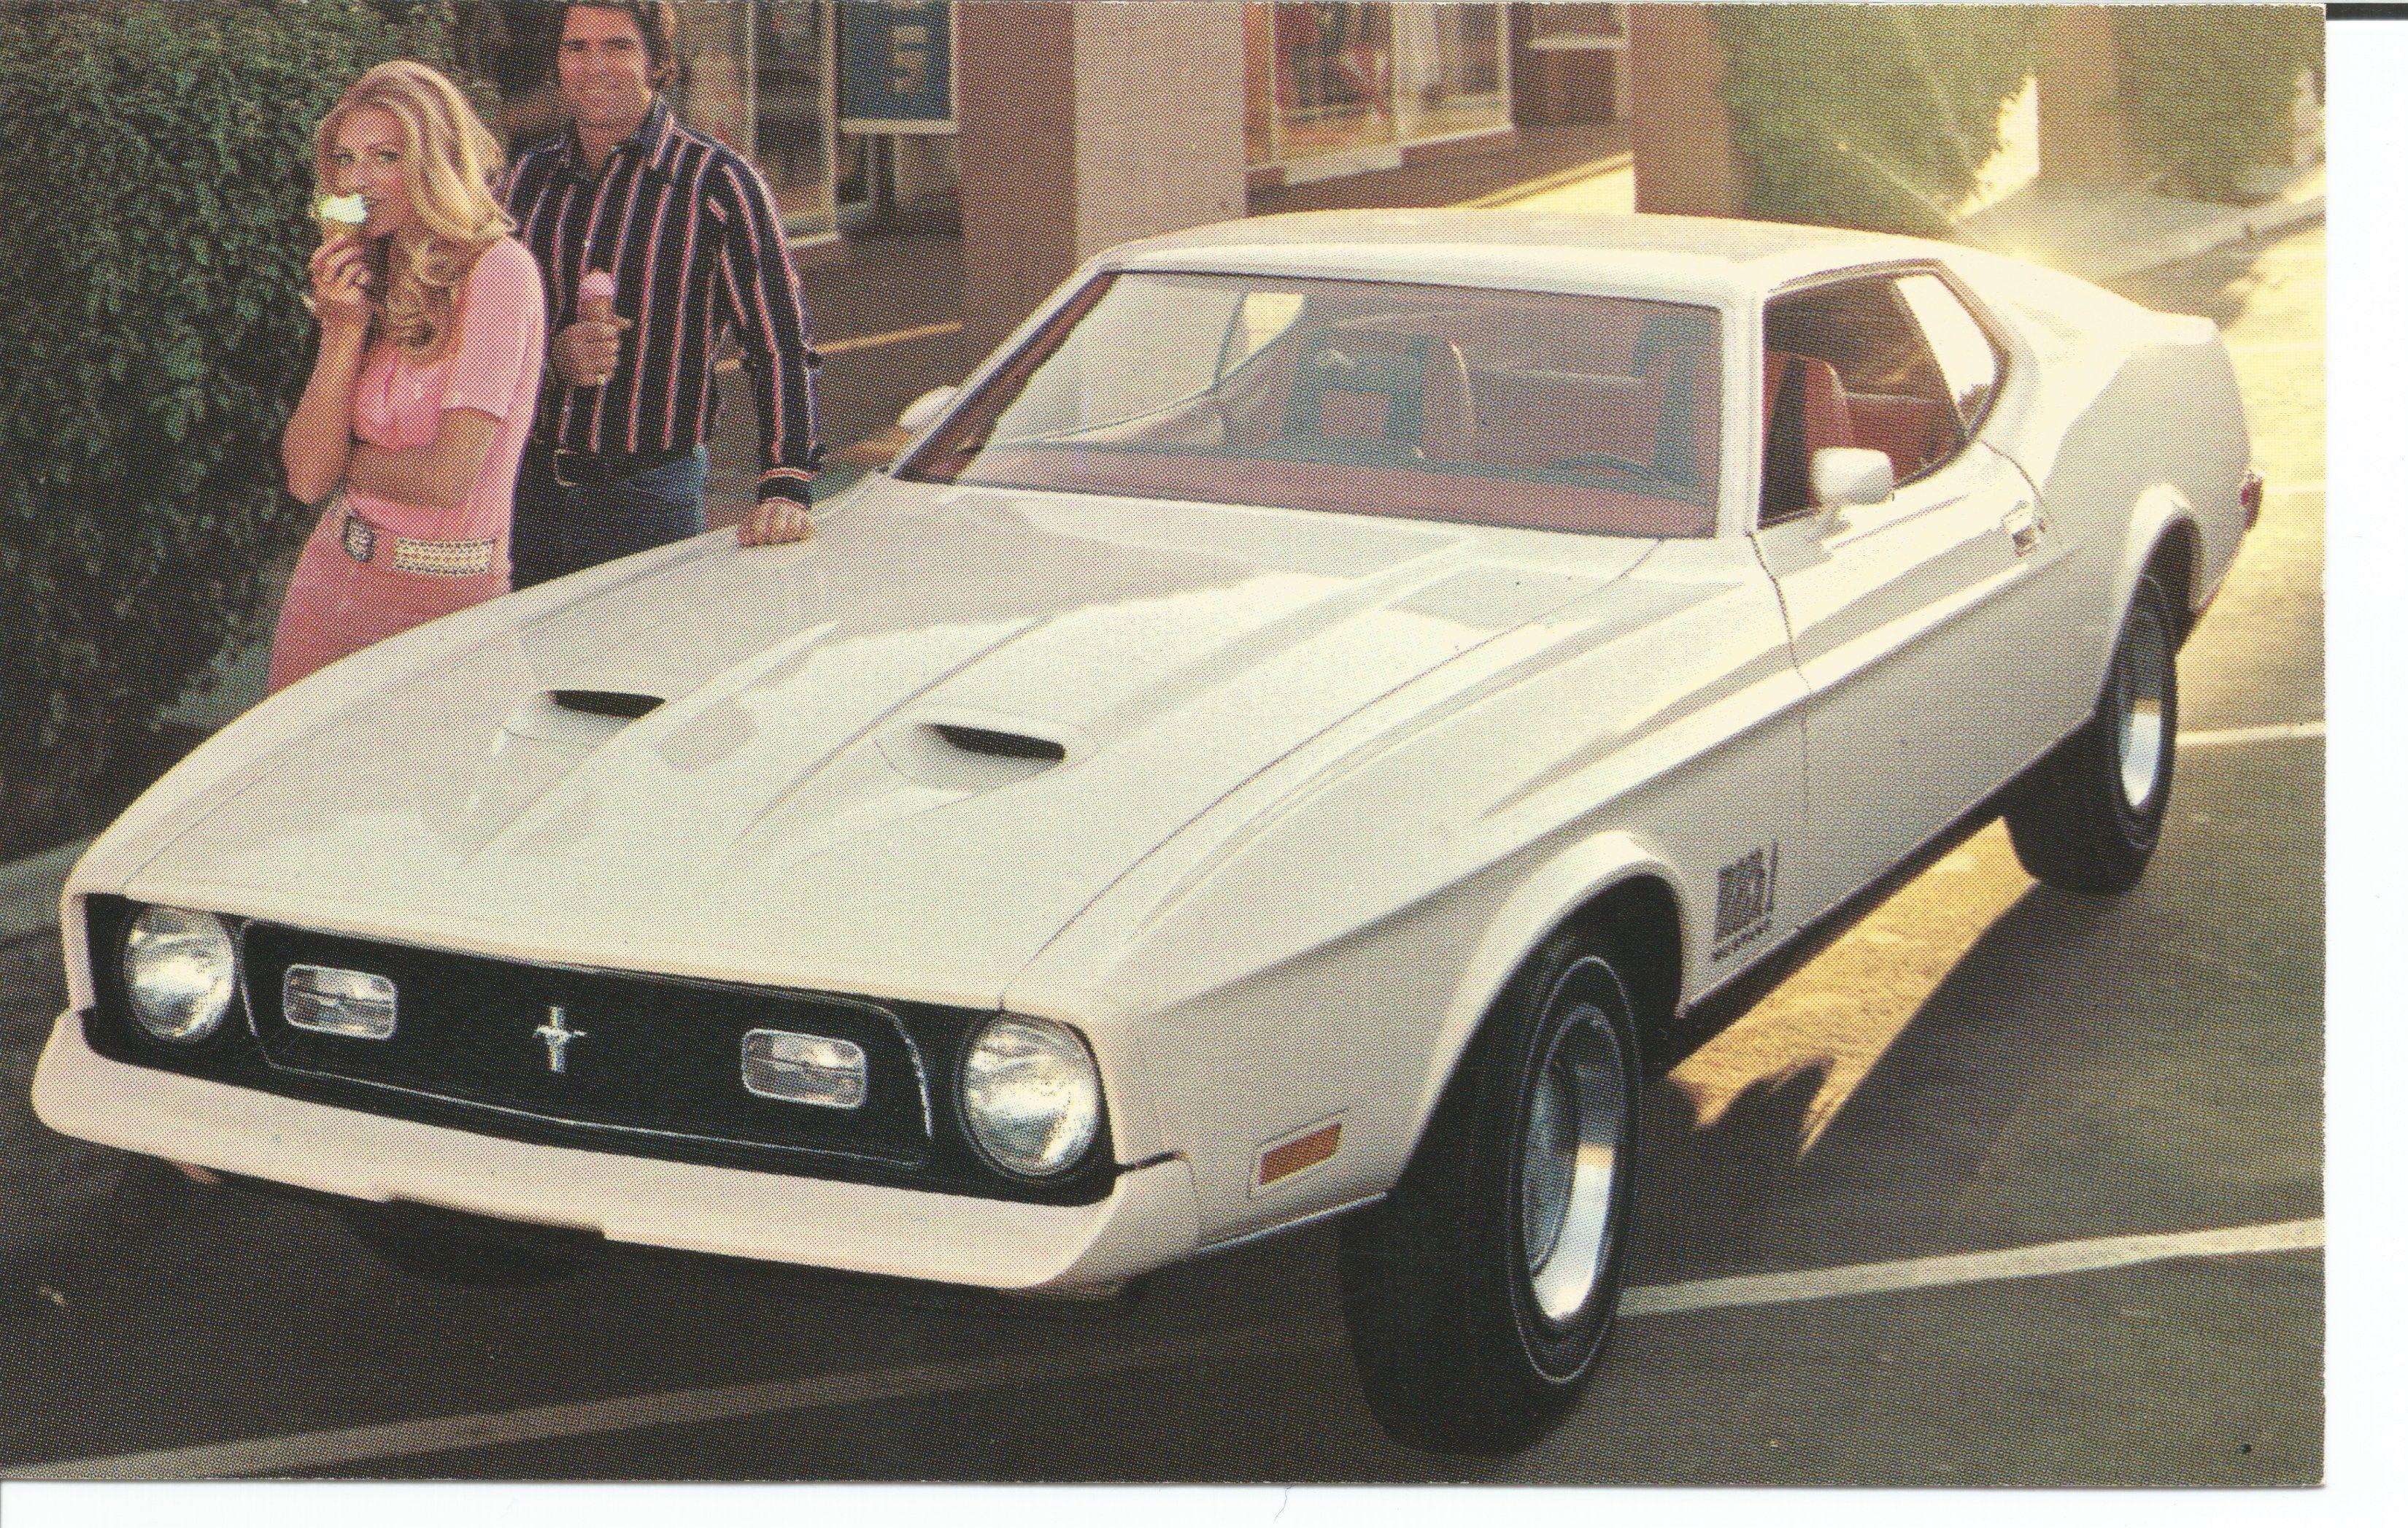 1972 ford mustang mach 1 2 door sportsroof